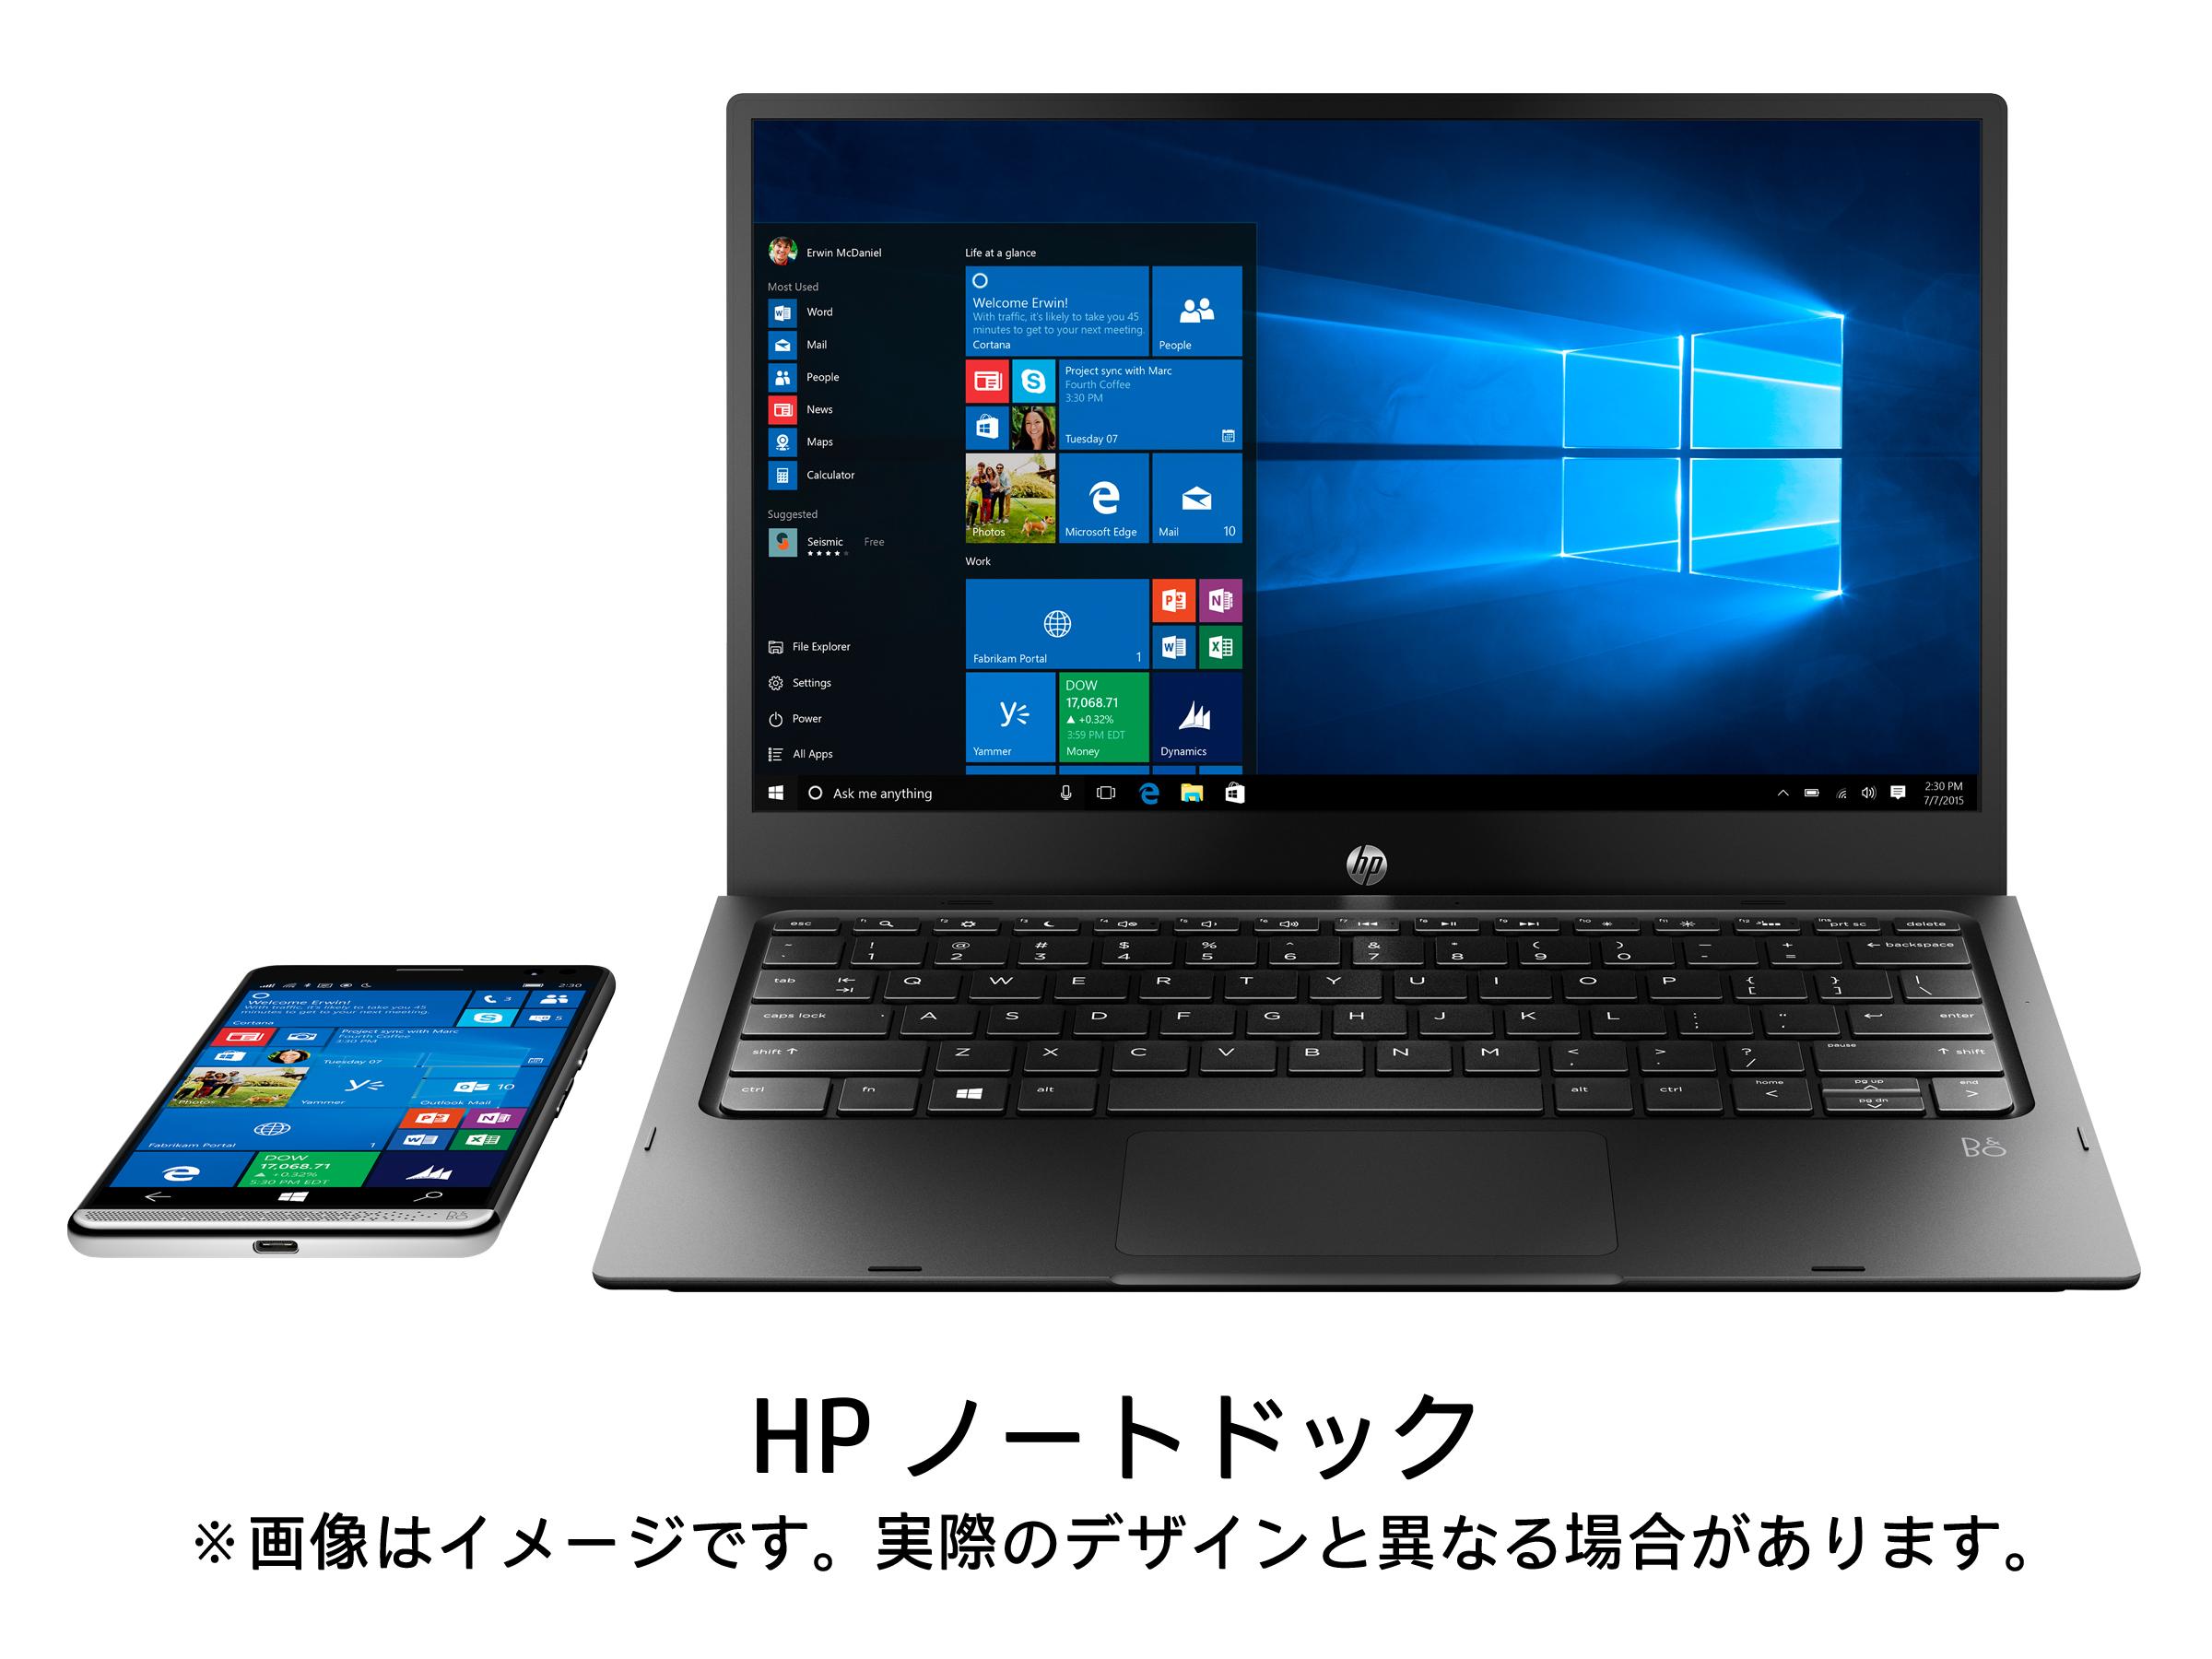 Elite x3とノートドック。ノートドックは一見ノートPCのようだが、液晶画面とキーボードだけの周辺機器